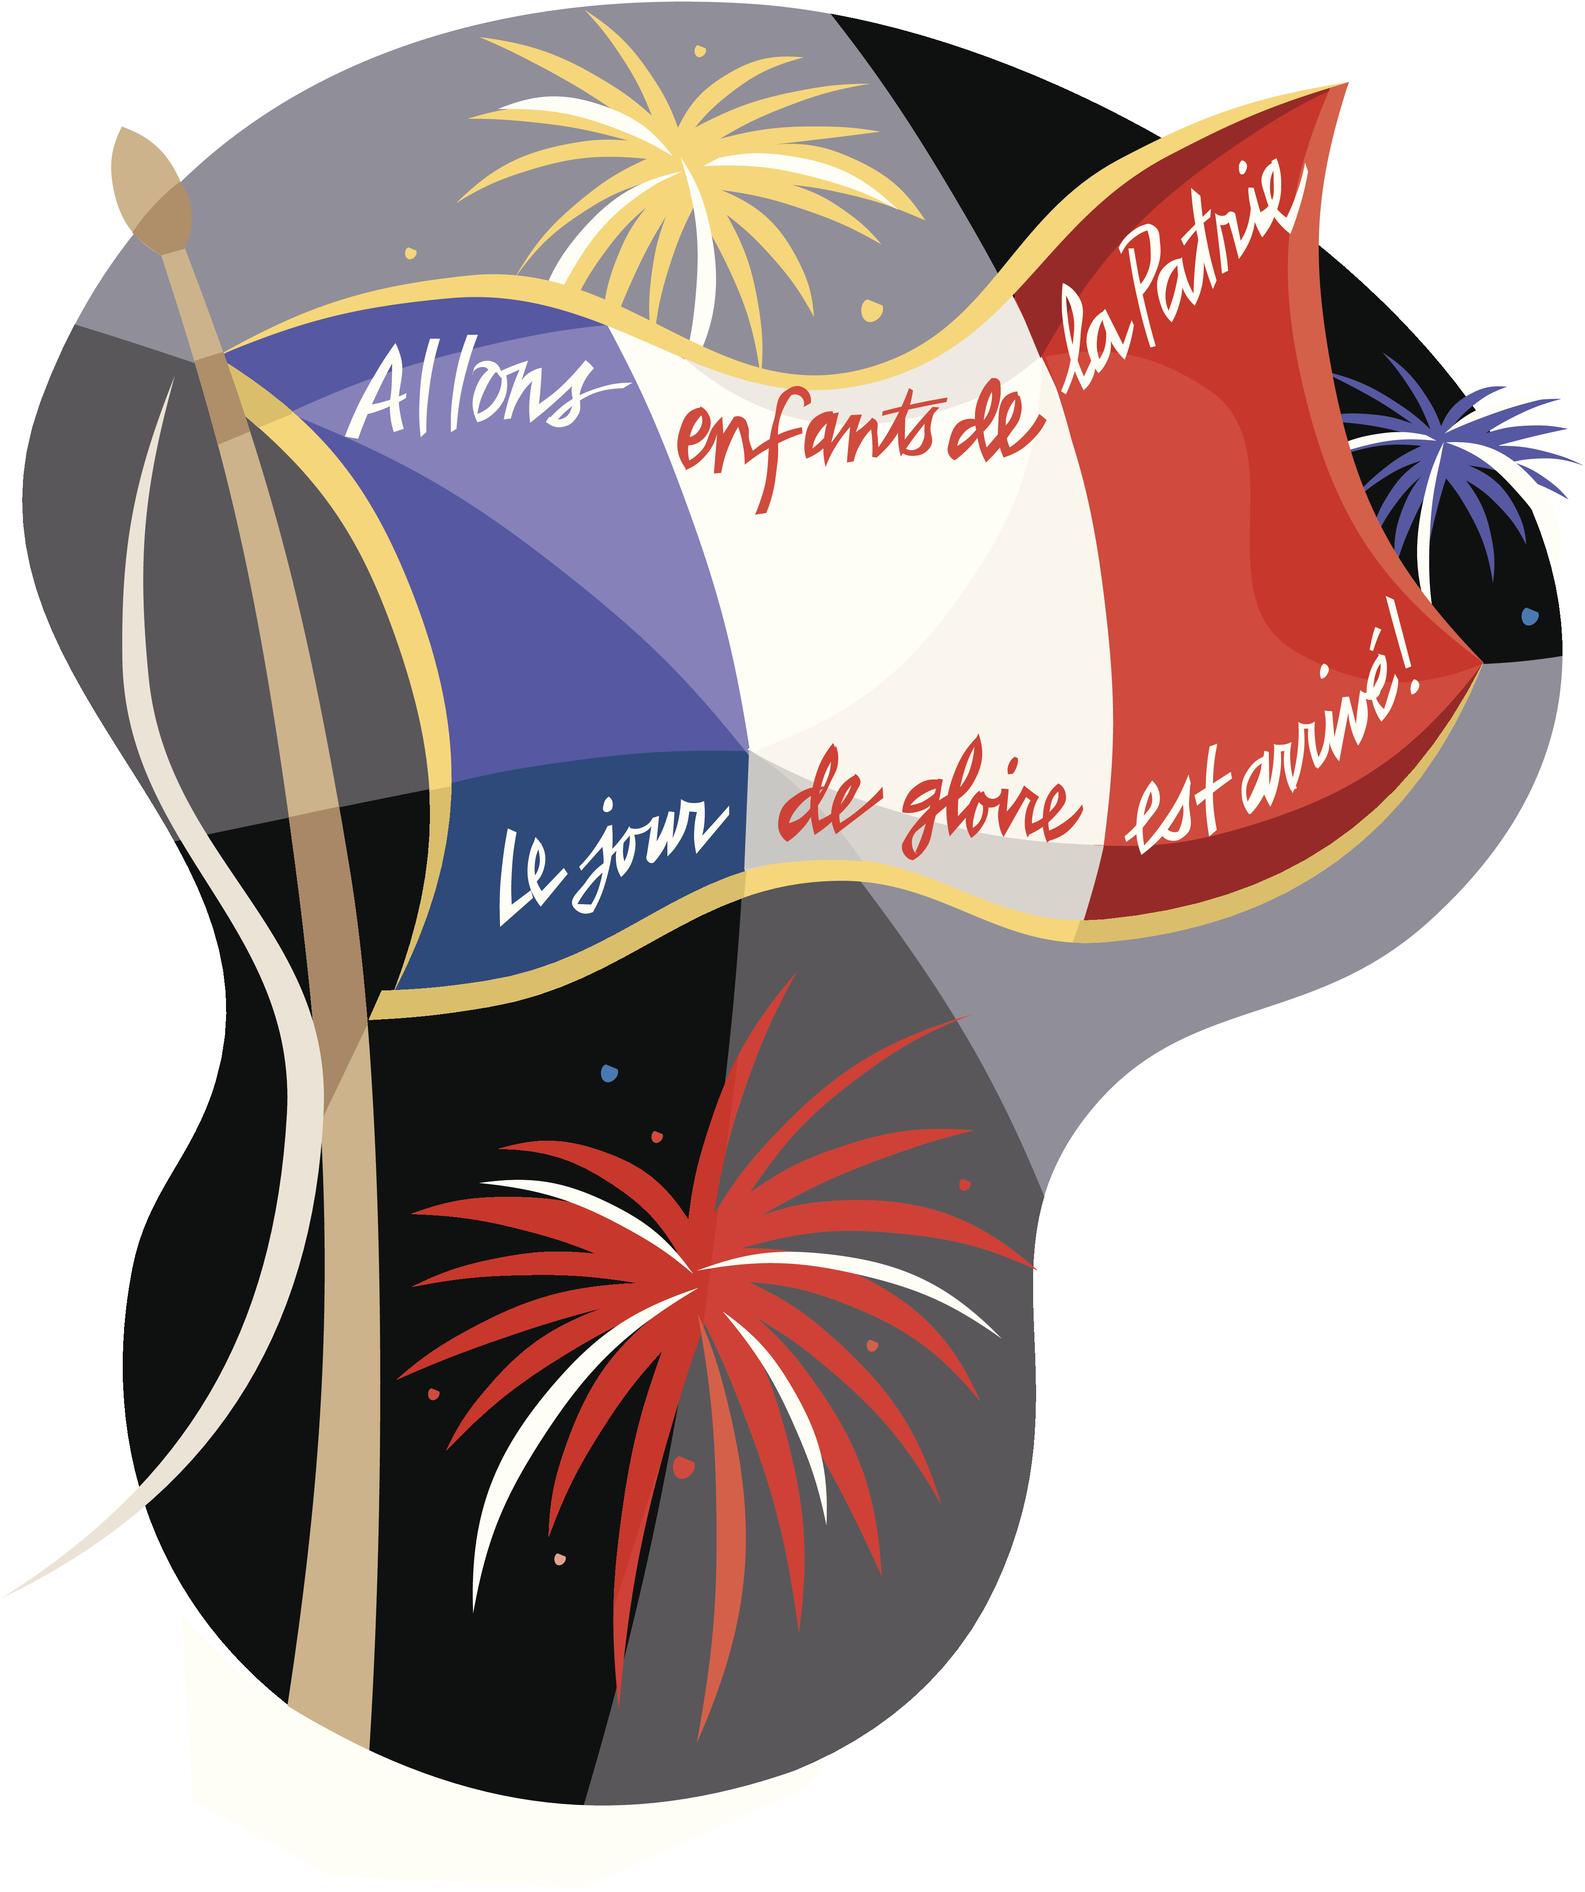 French flag, Allons enfants de la Patrie Le jour de gloire est arrive,, Color